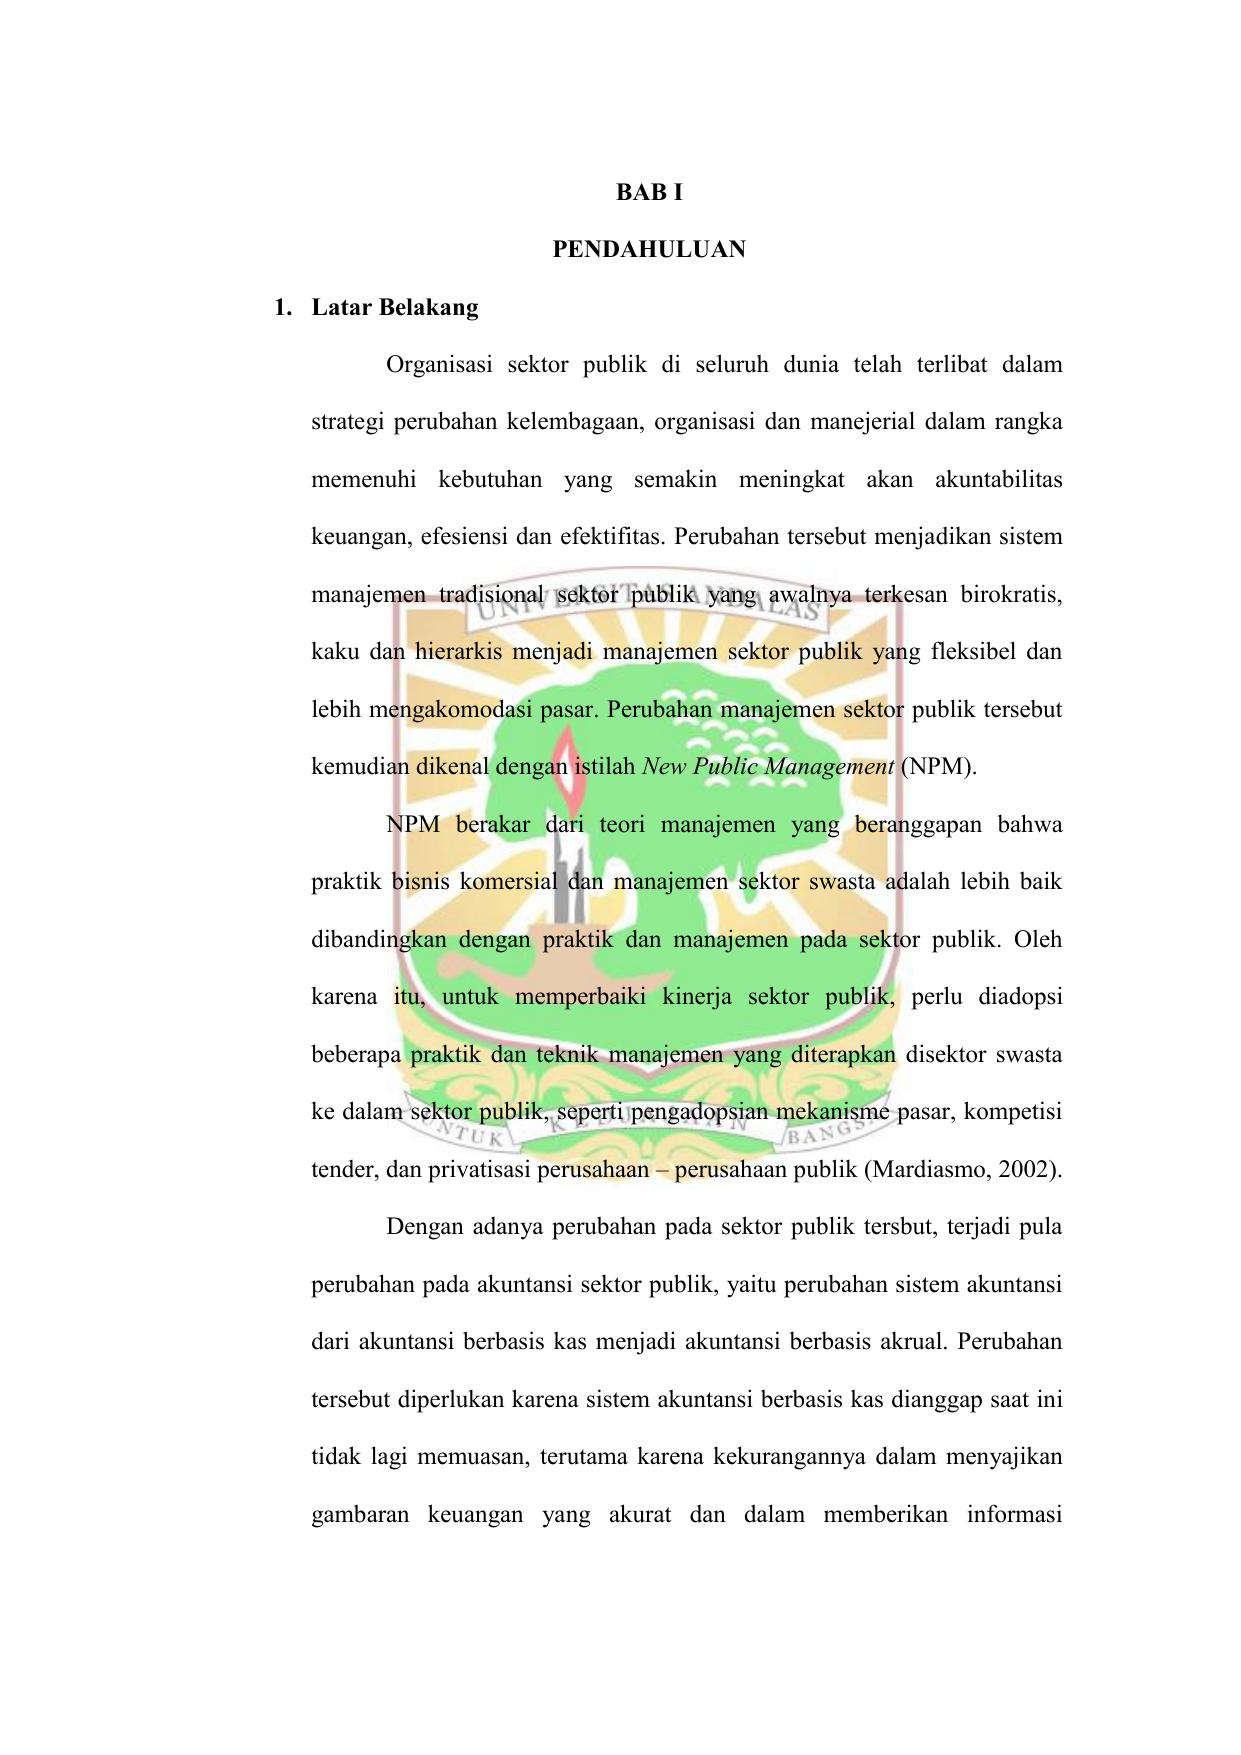 Doc Makalah Akuntansi Manajemen Sektor Publik Ruang Lingkup Akuntansi Manajemen Sektor Publik Haniah Pratiwi Academia Edu